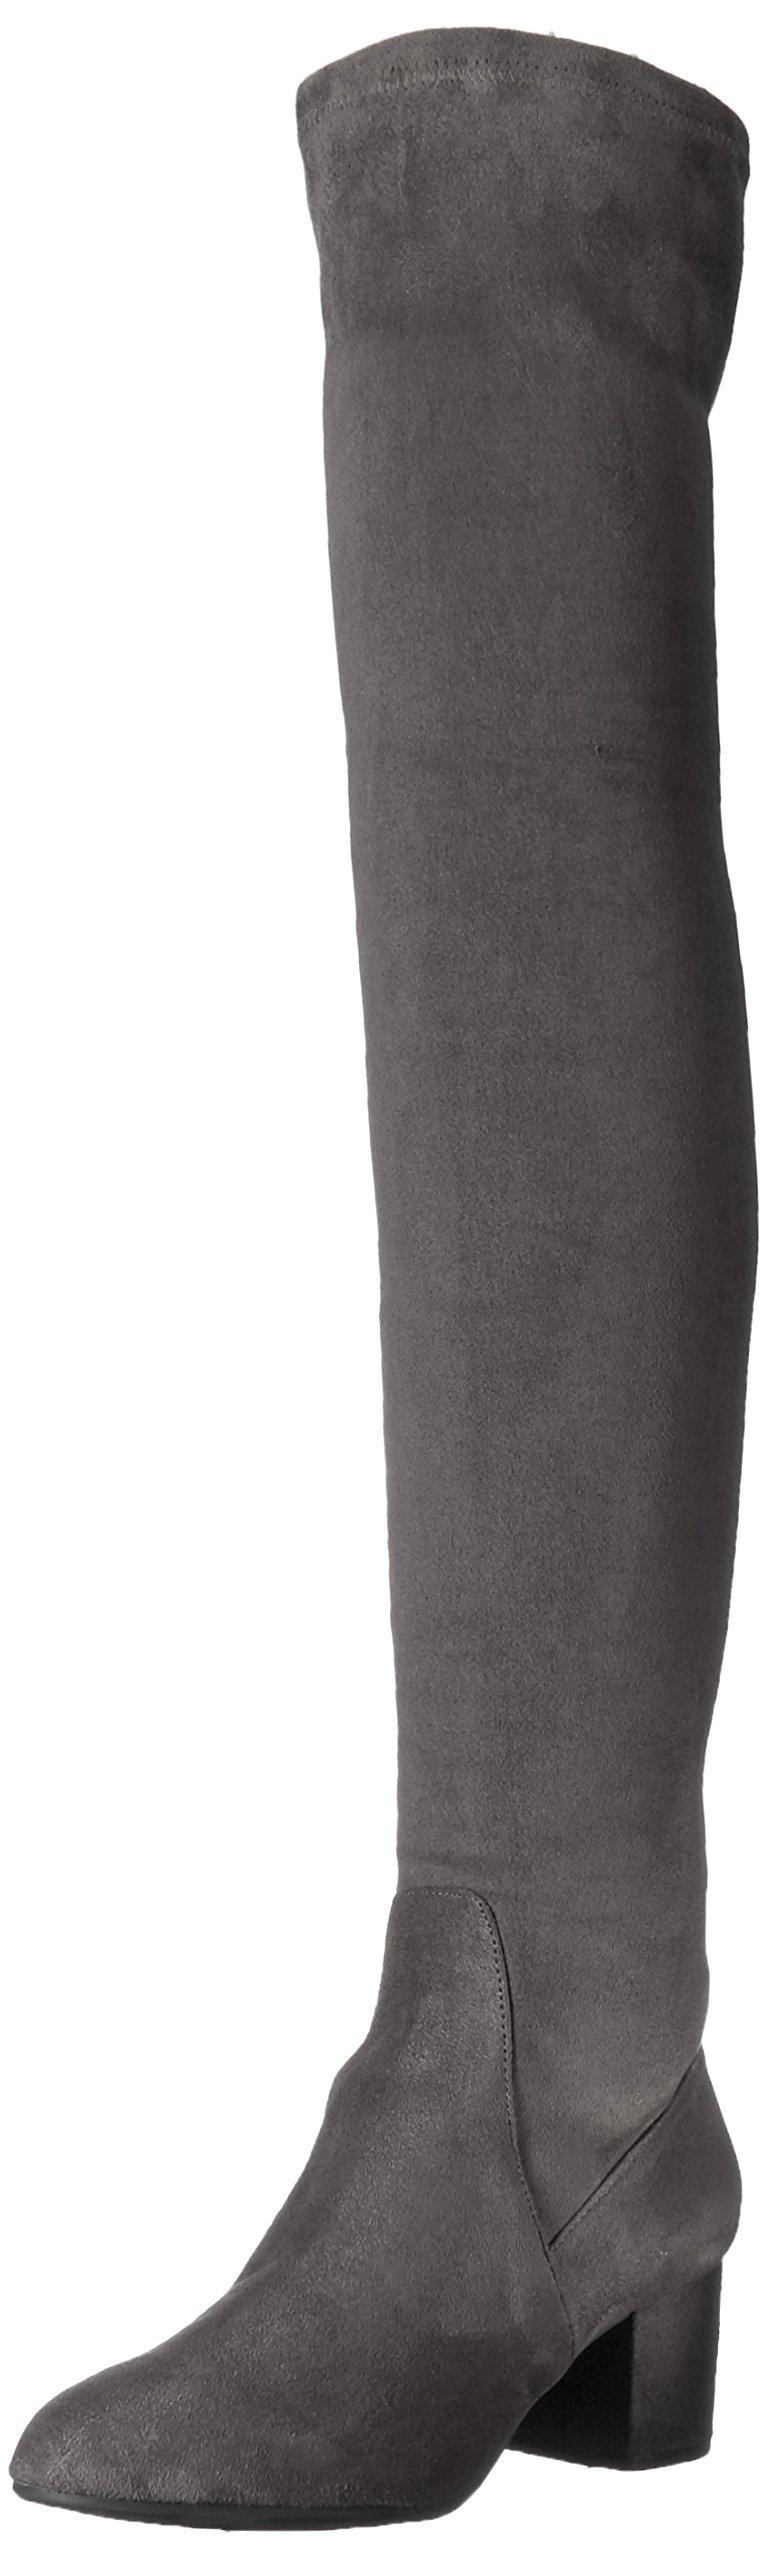 Steve Madden Women's Isaac Harness Boot, Grey, 8.5 M US